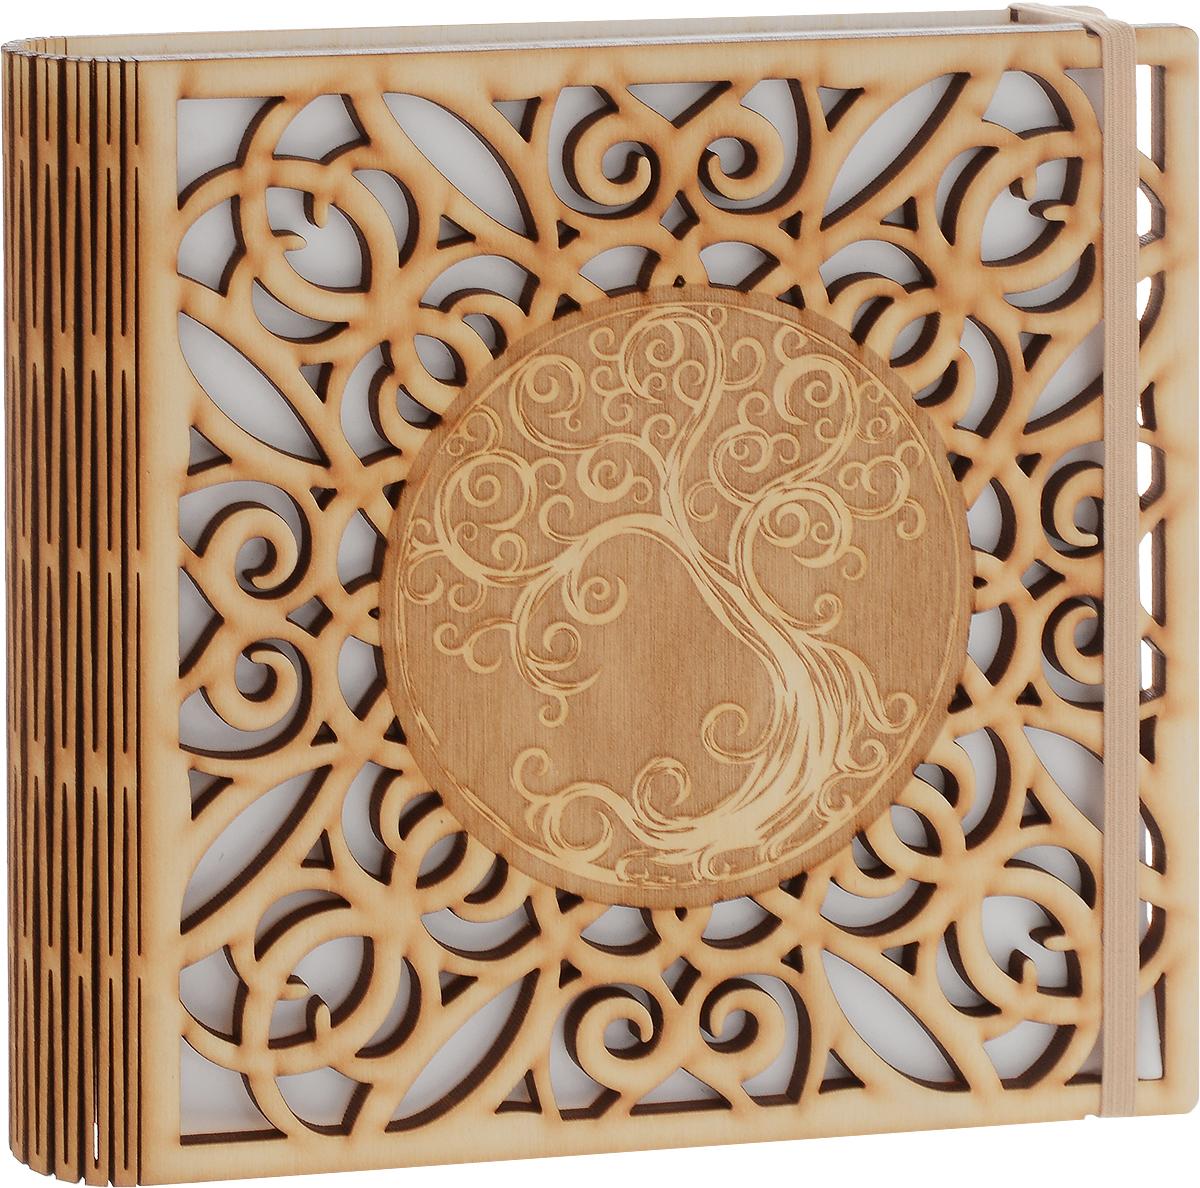 Фолиант Блокнот 170 листов БЛФ-19БЛФ-19Обложка блокнота Фолиант выполнена из экологически чистой фанеры, приятной на ощупь, с запахом натурального дерева. Обложку можно дооформить как угодно: раскрасить рисунок, затонировать, залакировать, нанести или выжечь дополнительный узор.Внутренний блок блокнота состоит из 170 листов белой офсетной бумаги без разметки на резинке.